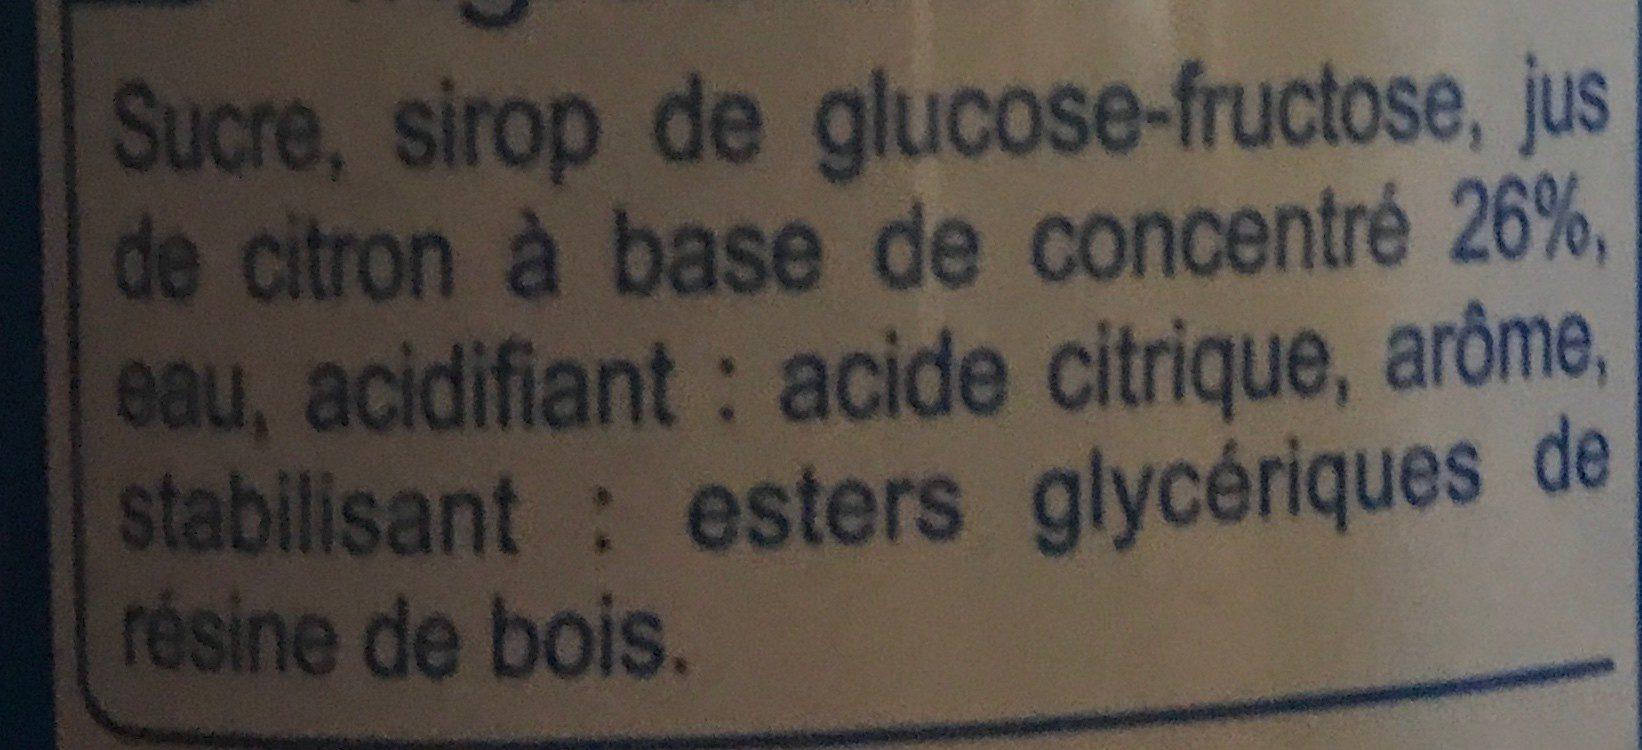 Sirop de citron à diluer - Ingredients - fr